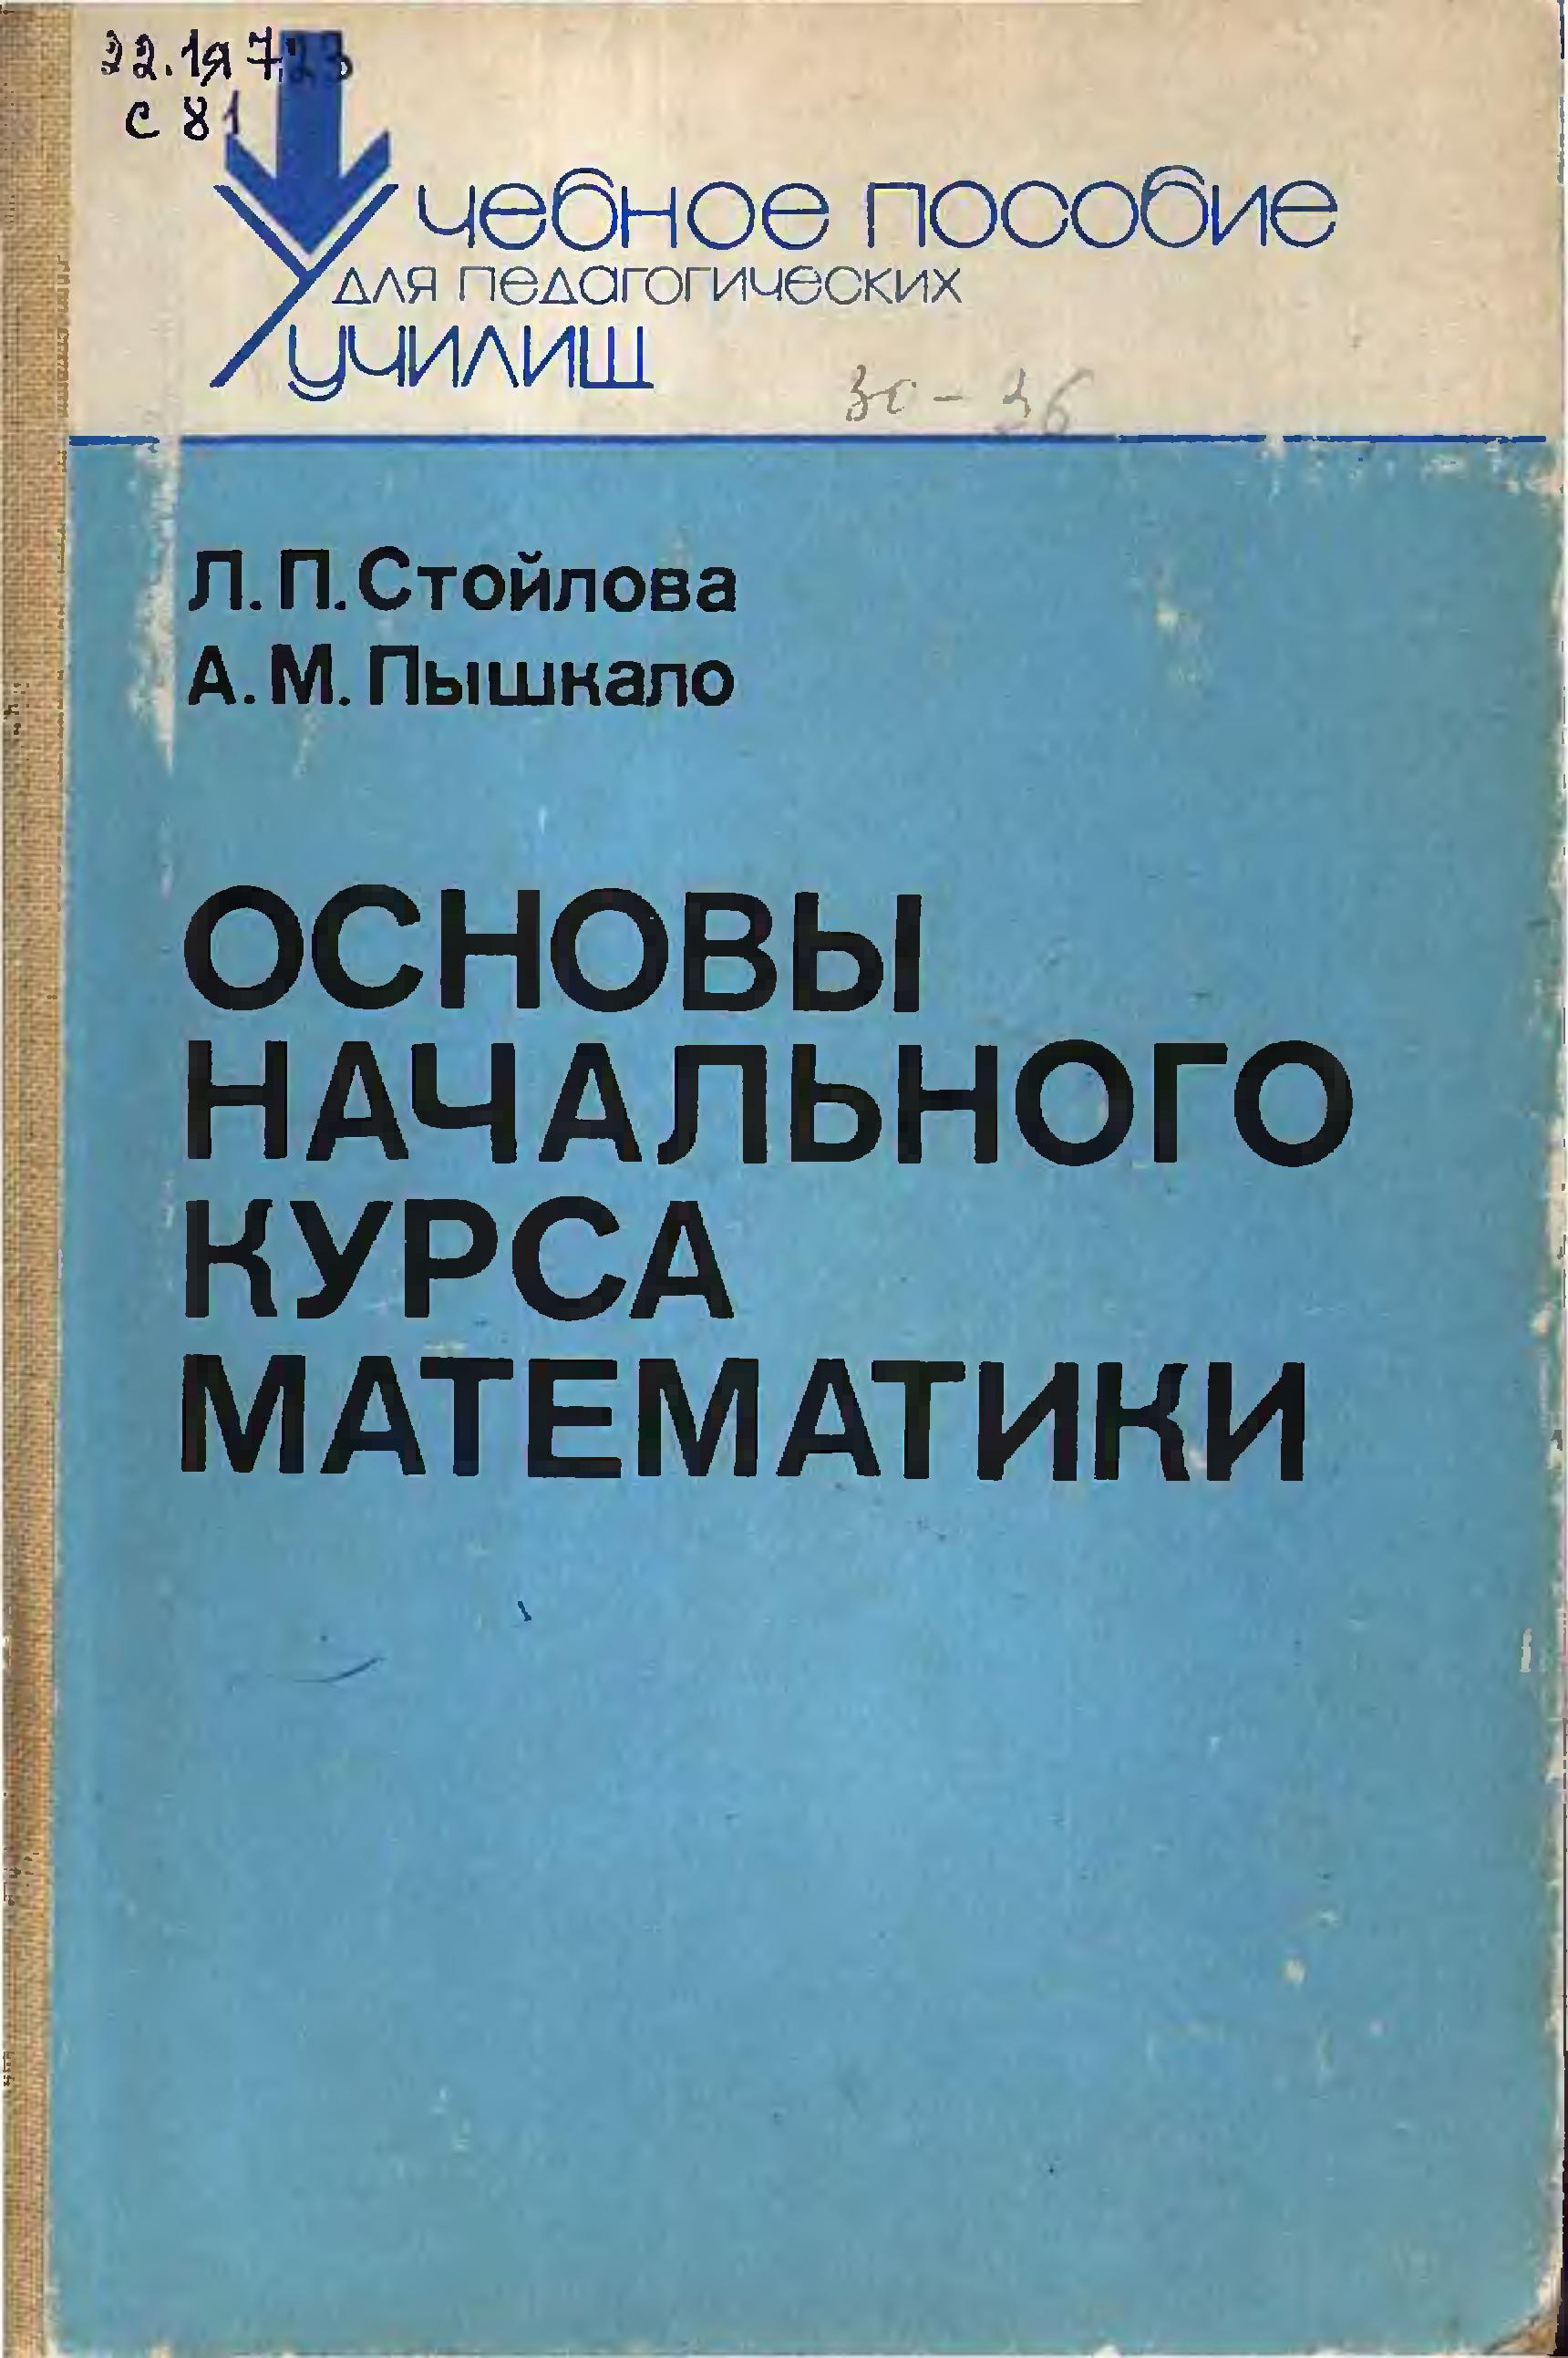 Решебник учебник математика л.п.стойлова